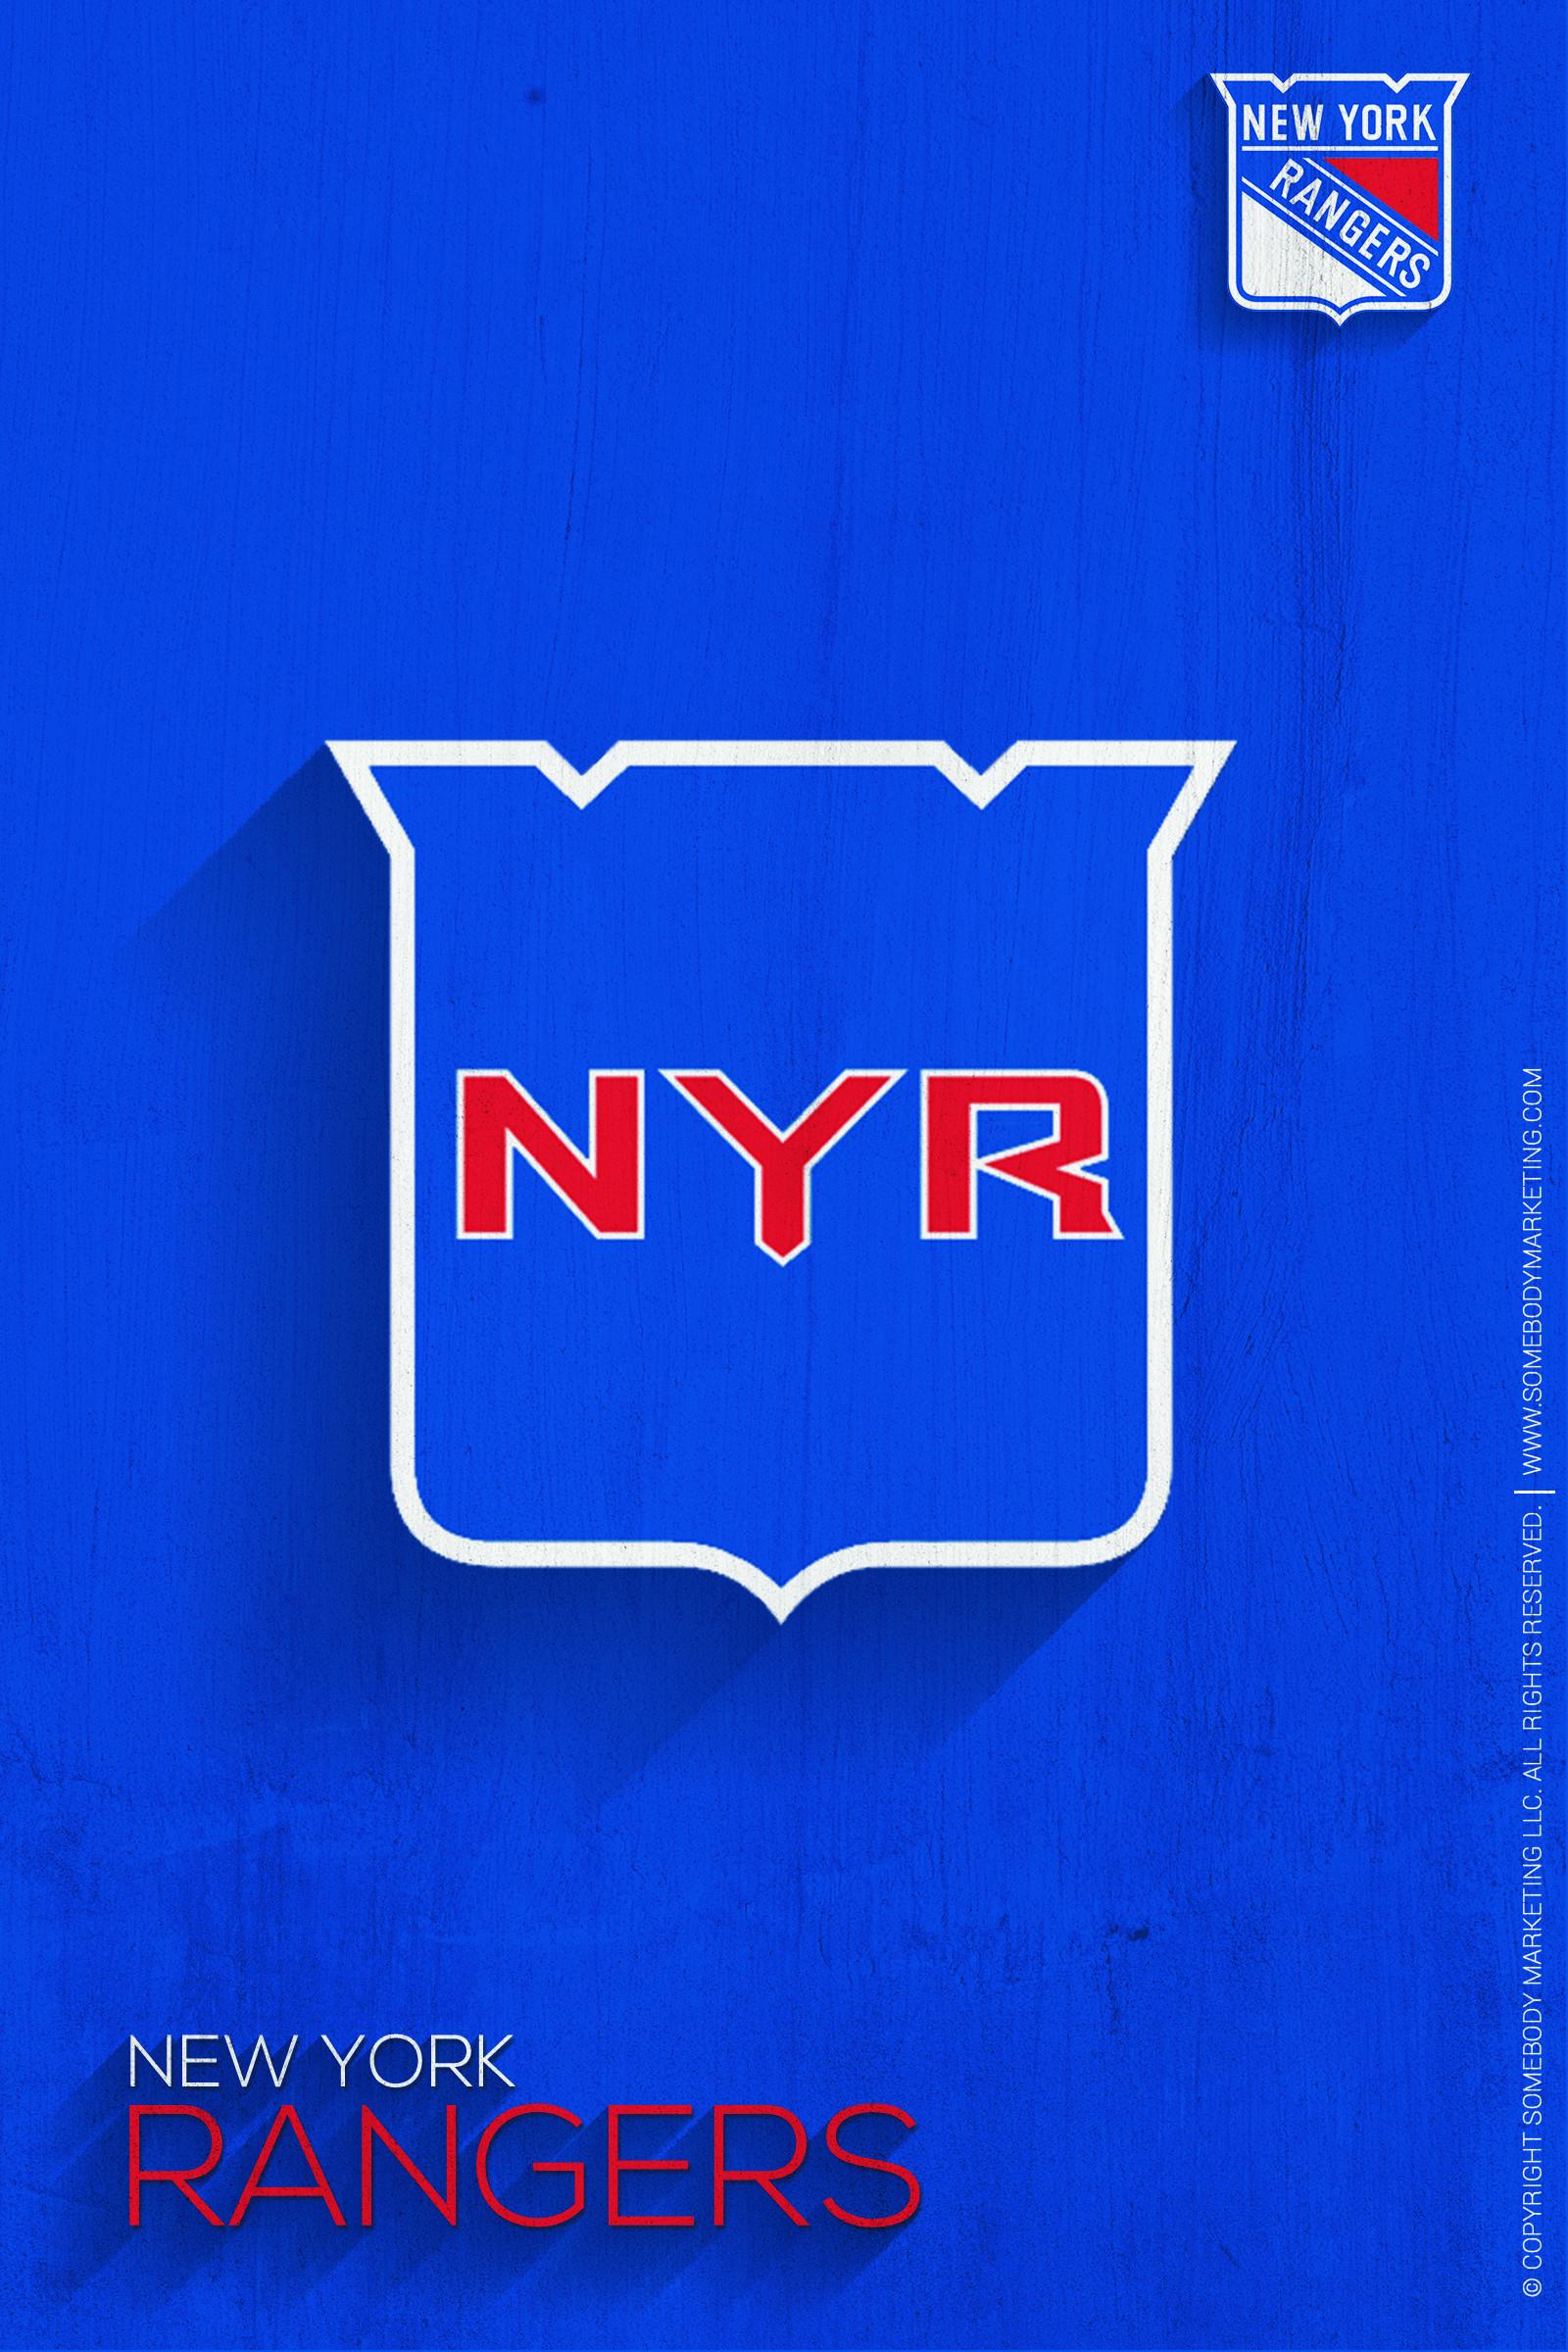 New York Islanders Wallpaper 55 Pictures